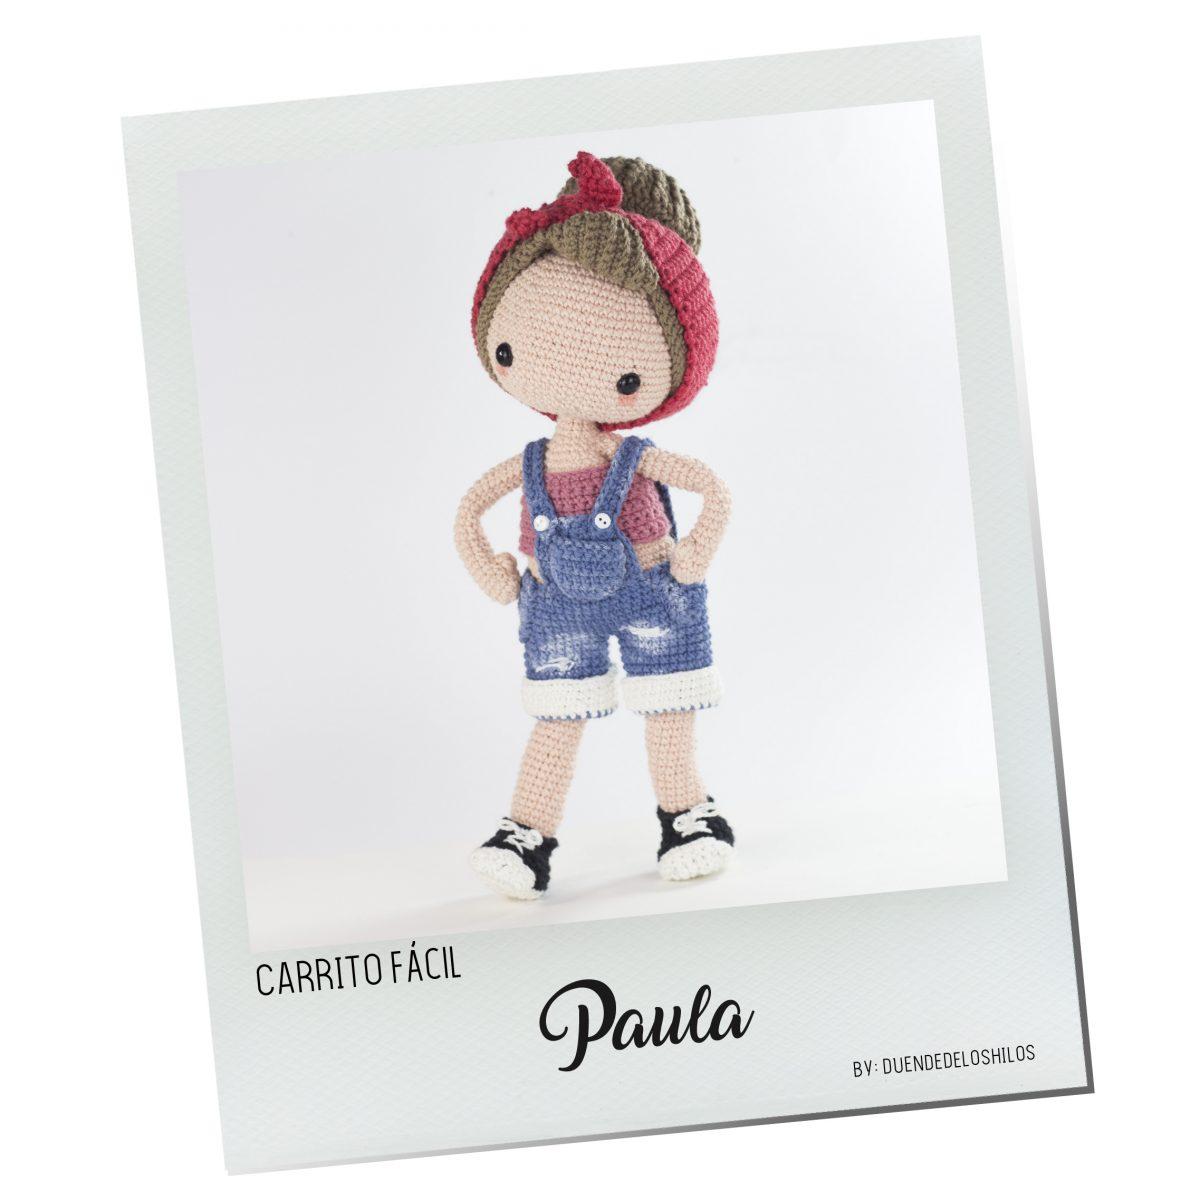 Paula, muñeca pin up ¡Carrito Fácil!